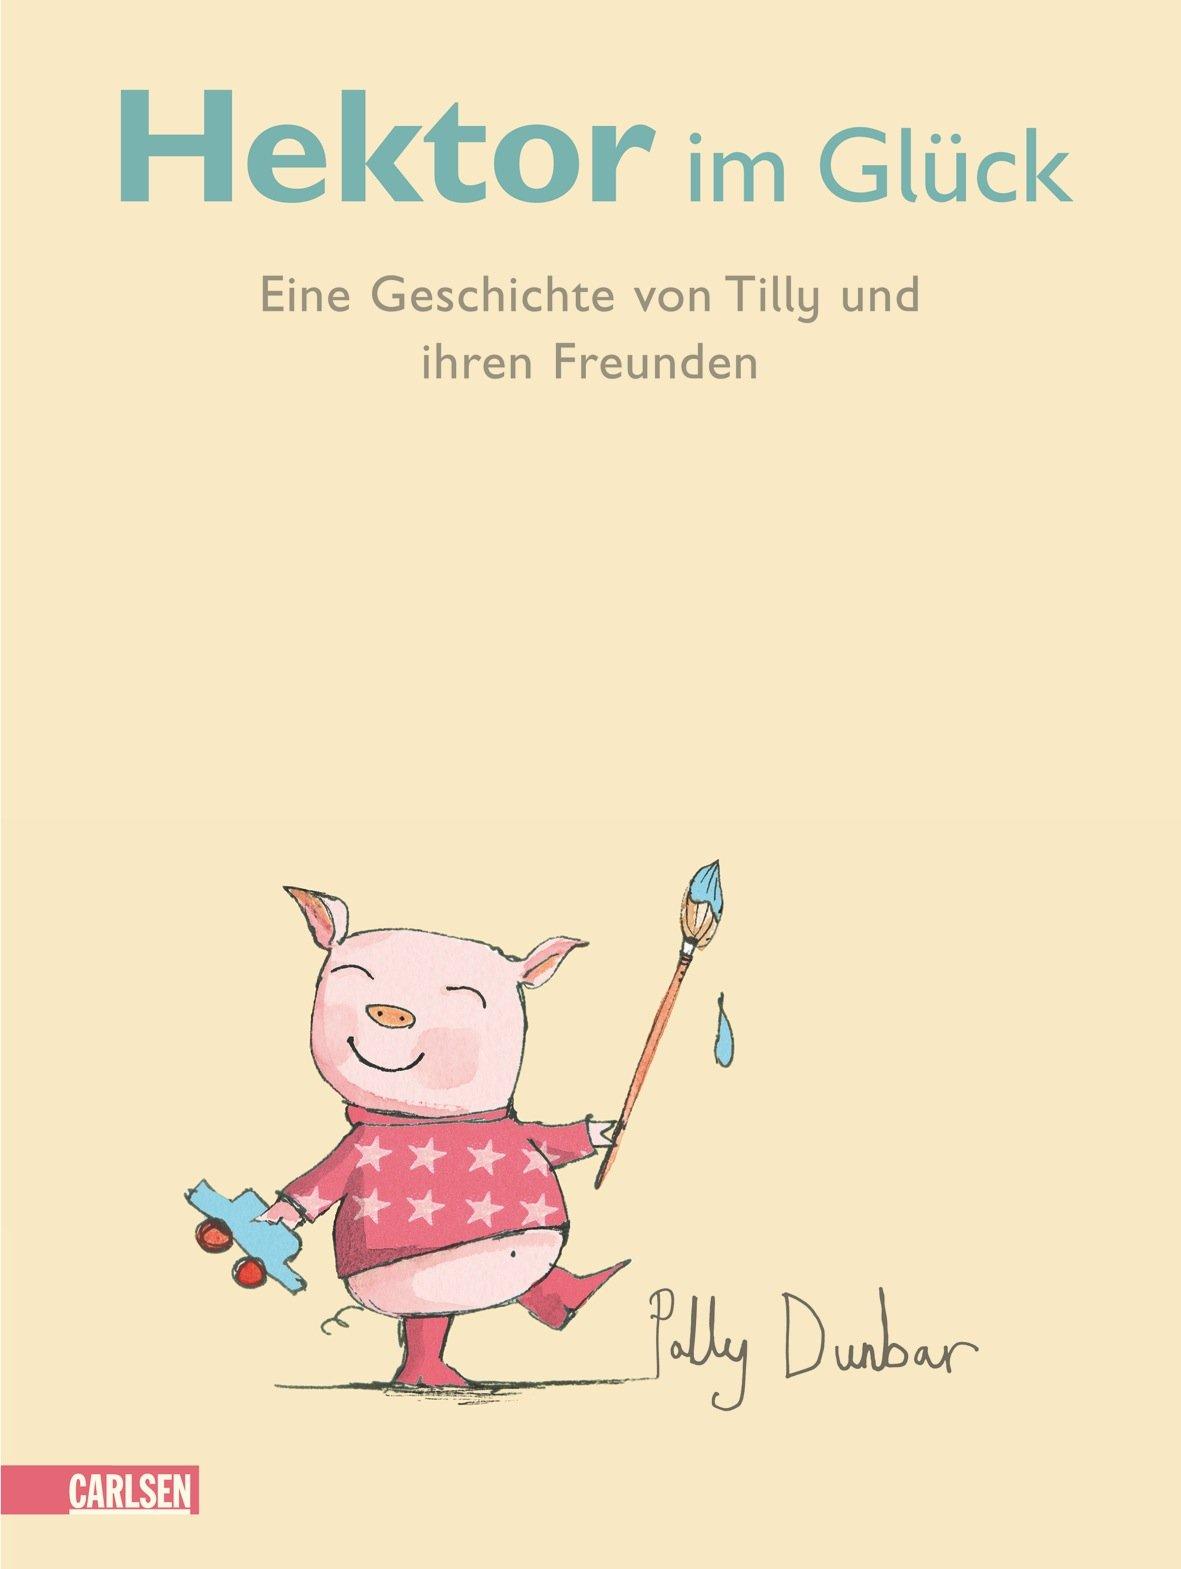 Hektor im Glück: Eine Geschichte von Tilly und ihren Freunden